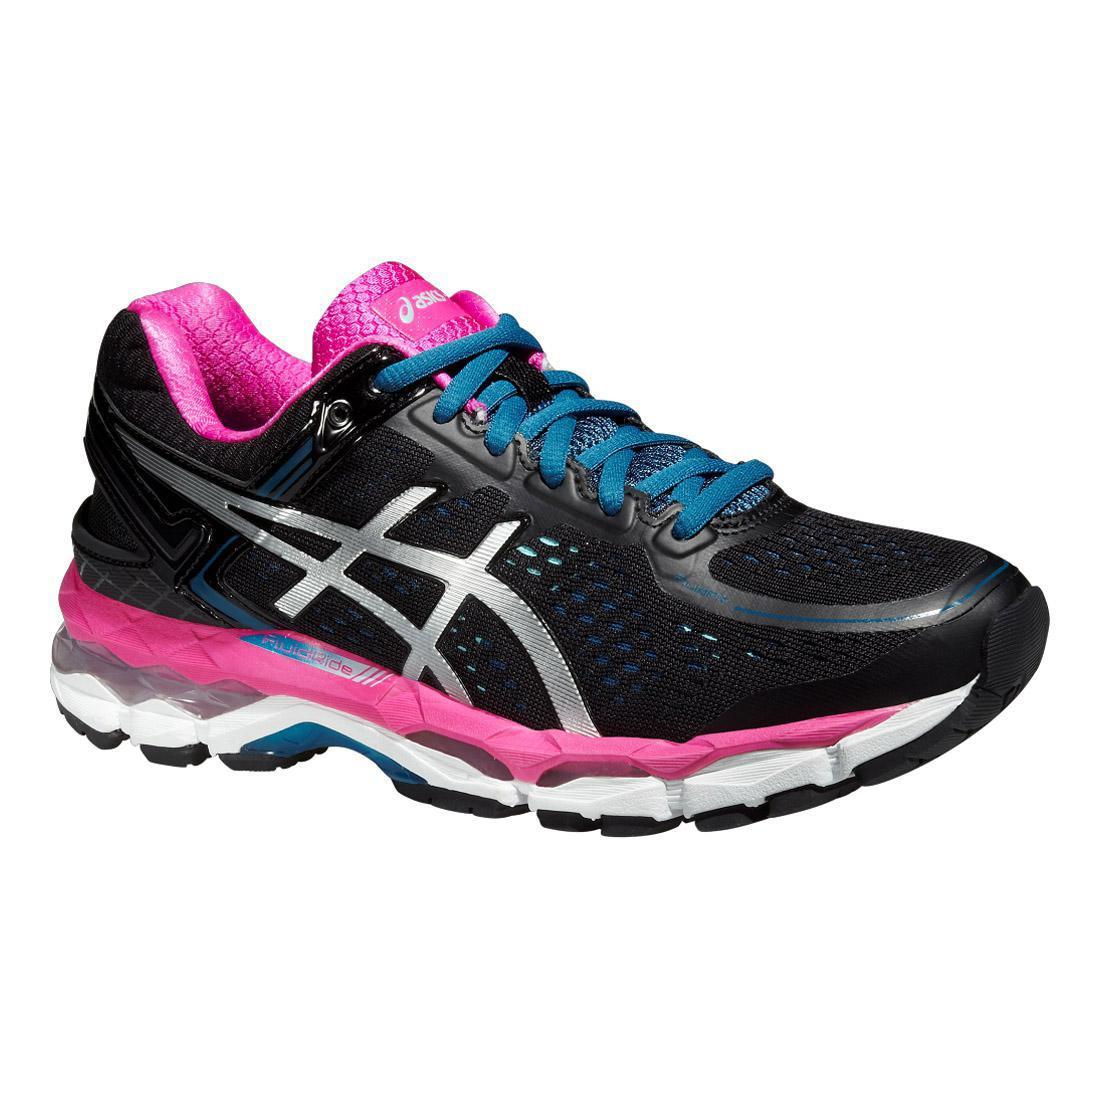 Asics Womens GEL-Kayano 22 Running Shoes - Black/Pink